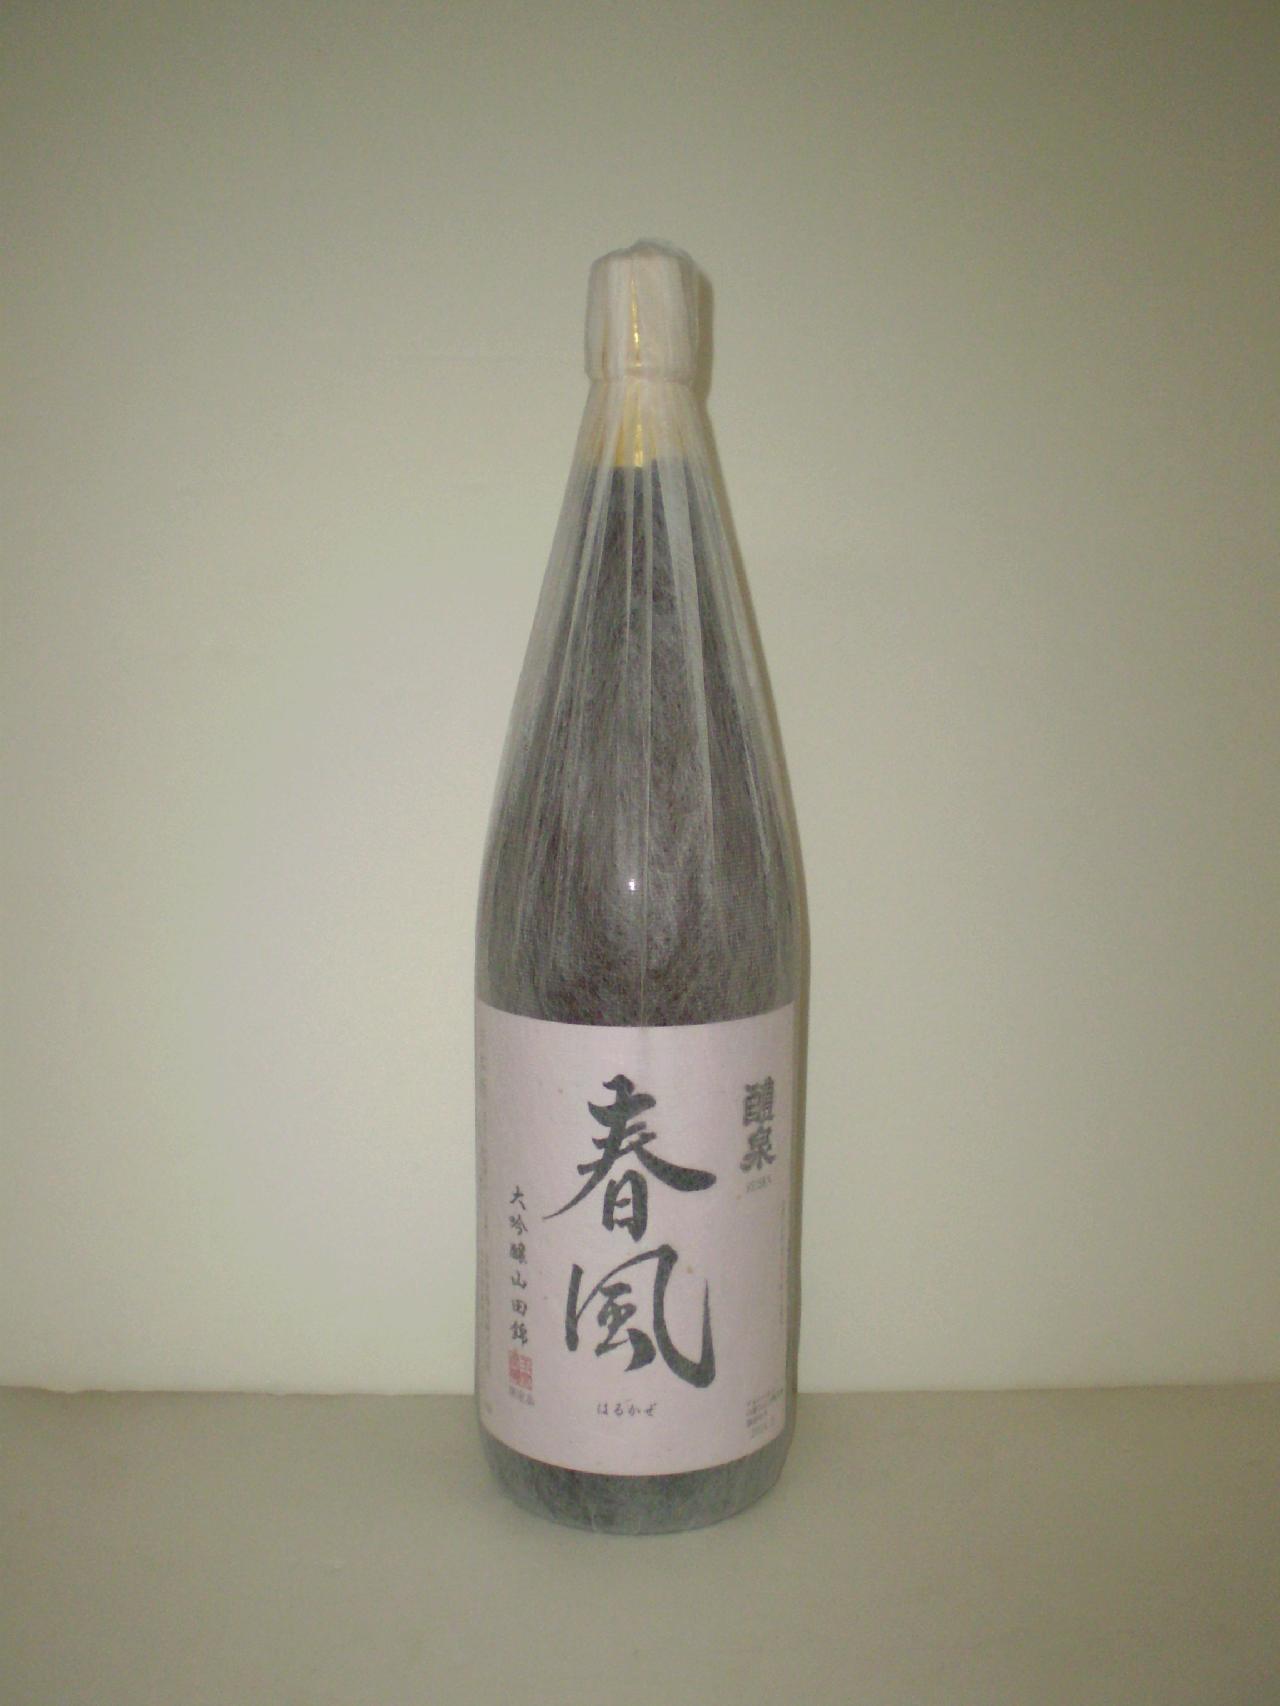 醴泉 大吟醸 春風 1800ml 玉泉堂酒造